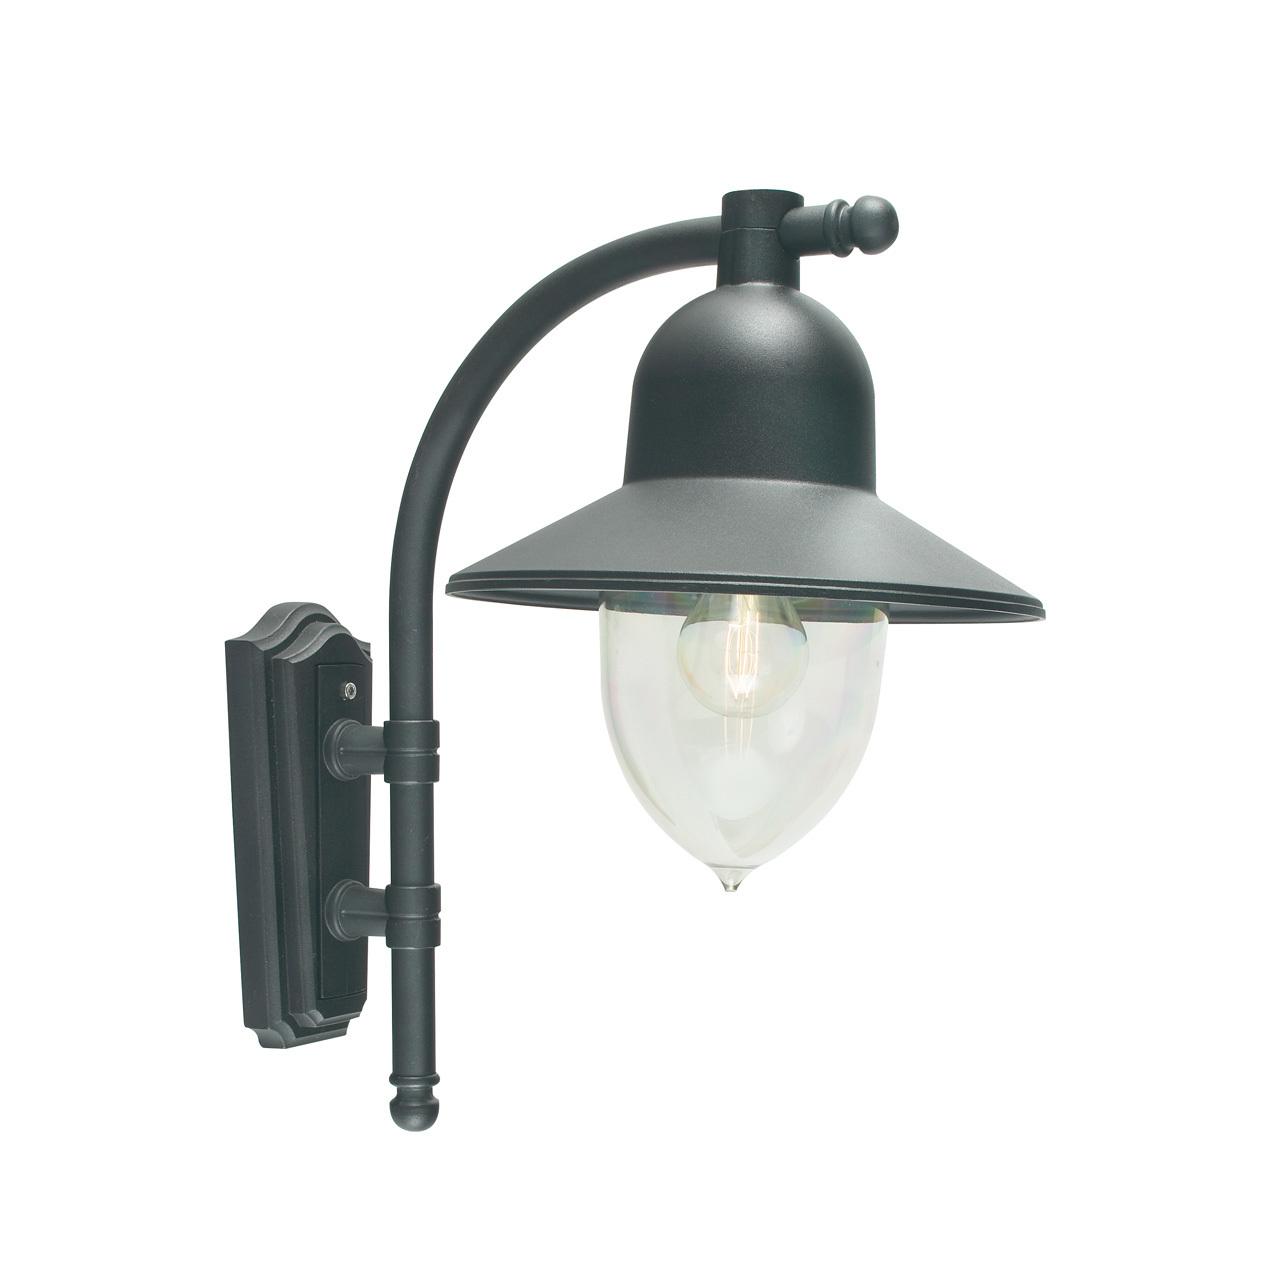 Lampa ścienna COMO 370B -Norlys  SPRAWDŹ RABATY  5-10-15-20 % w koszyku